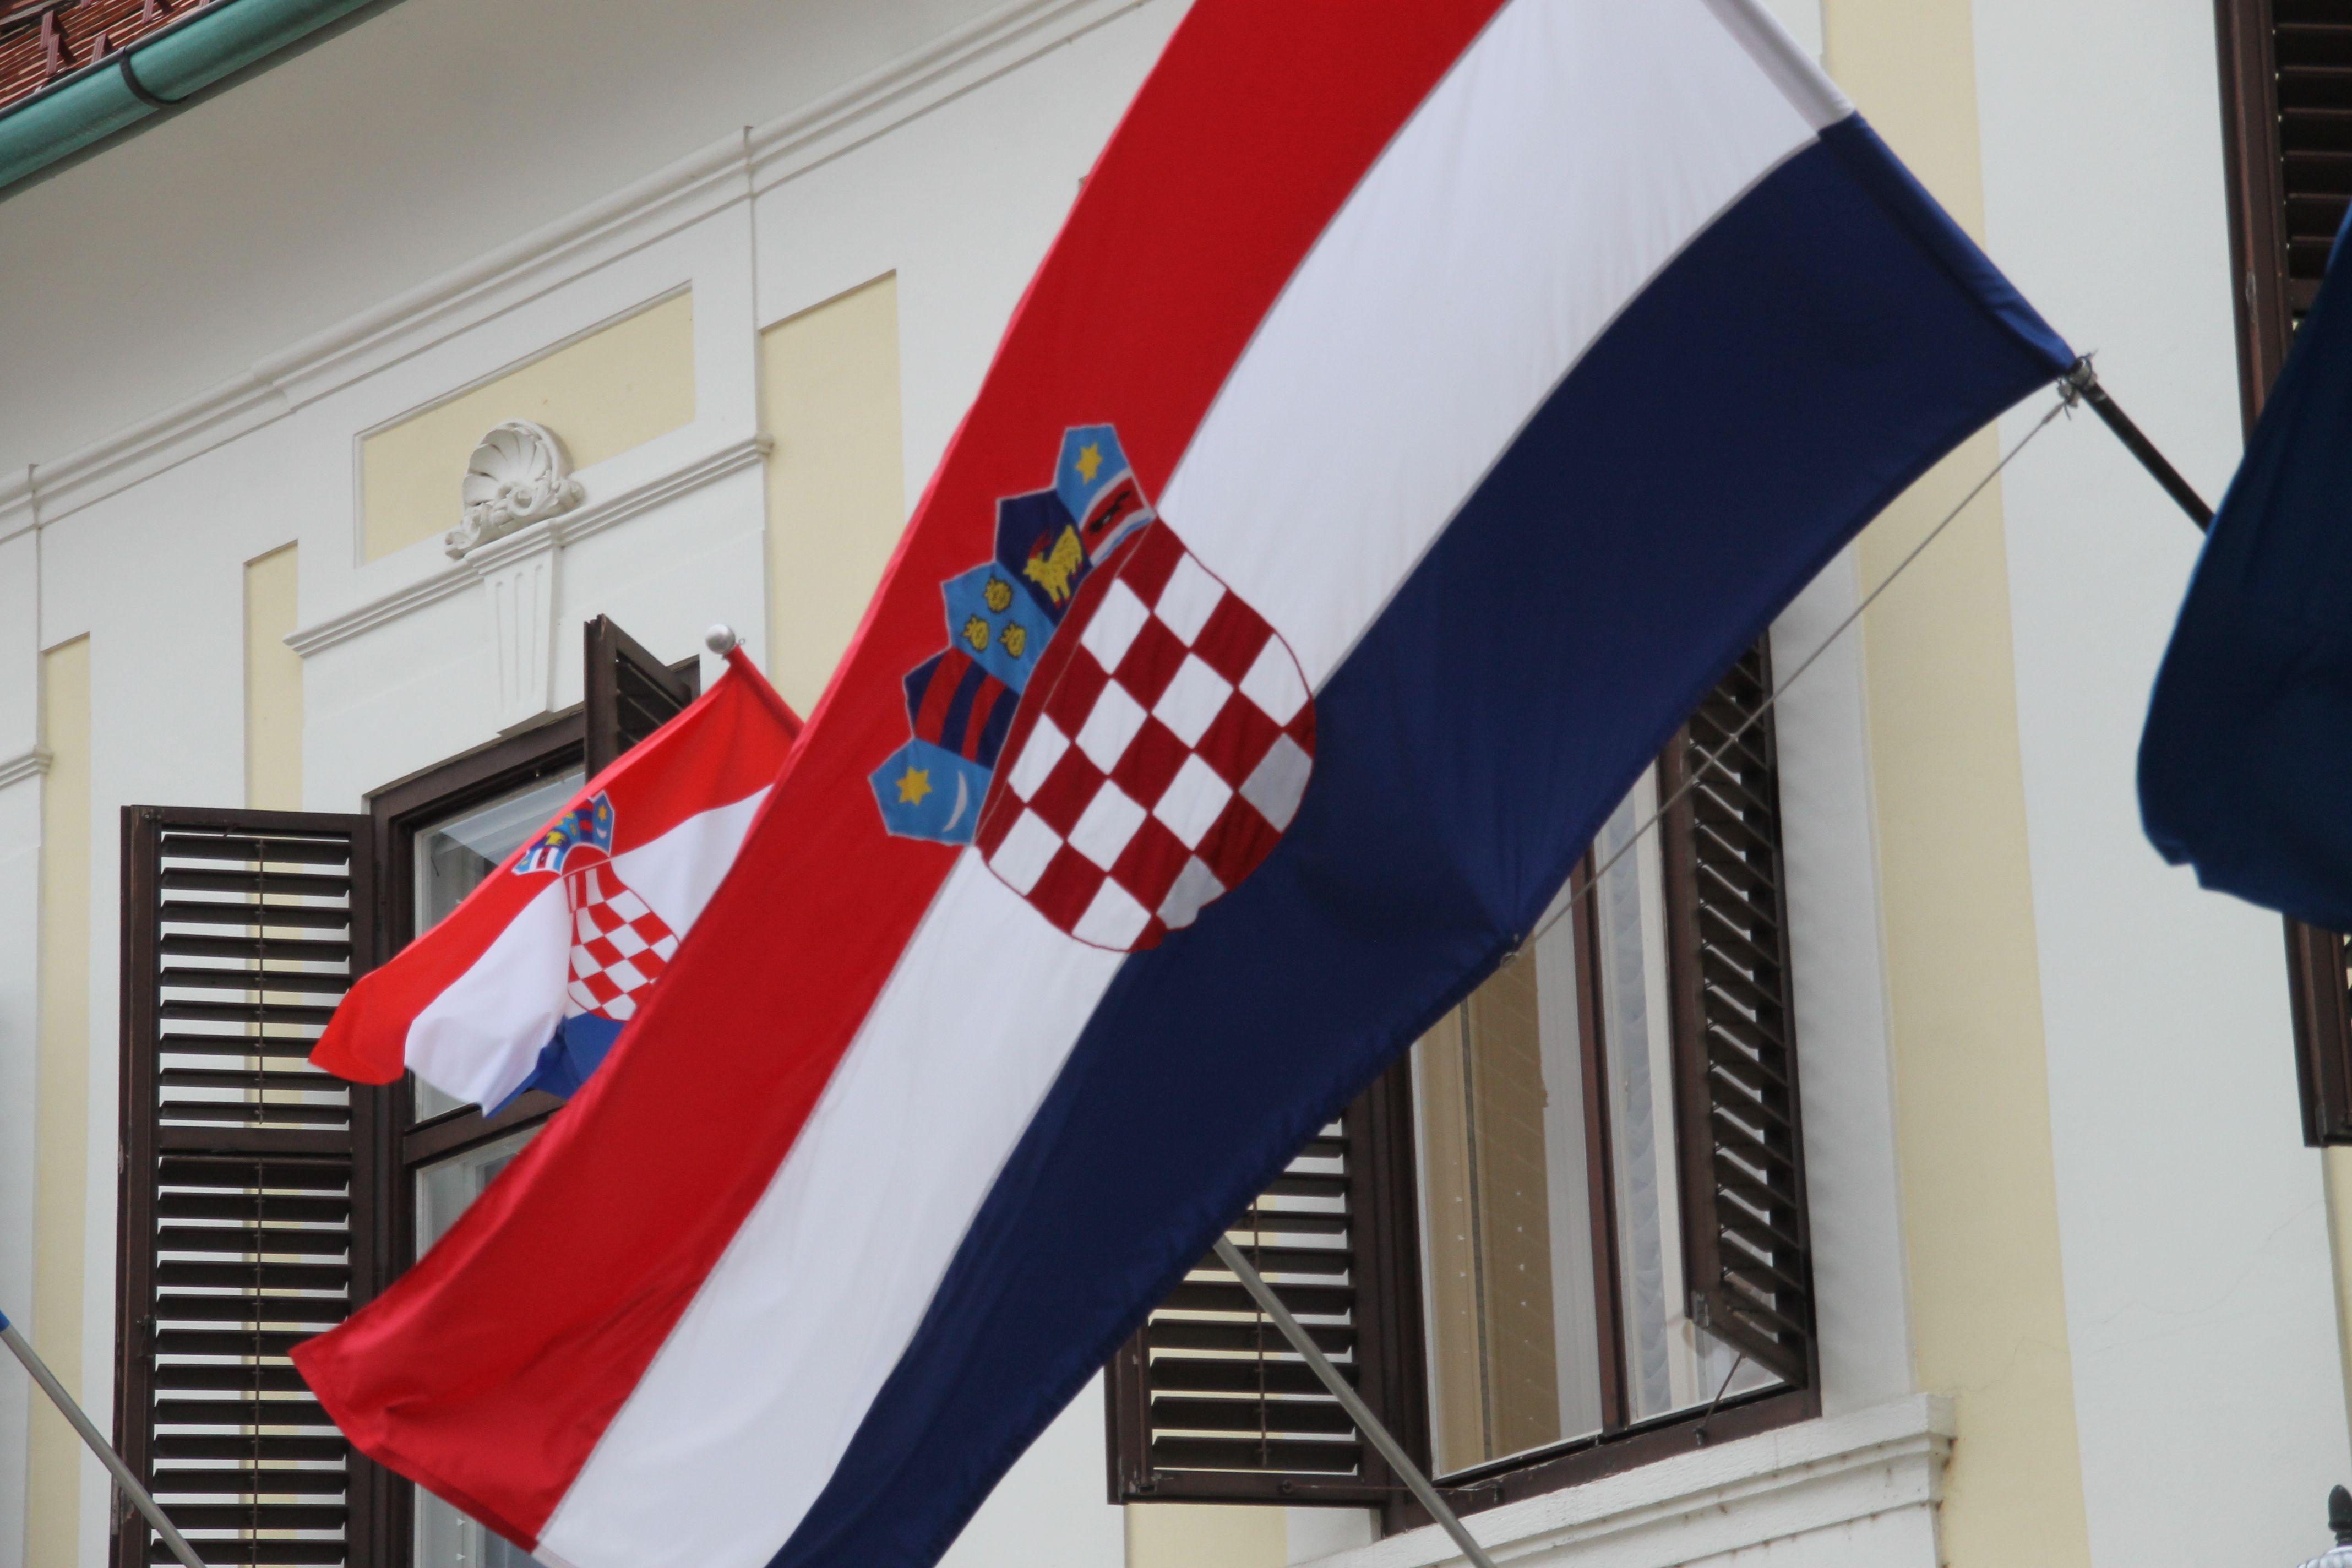 Hrvatska slavi Dan neovisnosti: povijesna odluka Hrvatskog sabora 8. listopada 1991. o raskidu svih državnopravnih veza s bivšom SFRJ